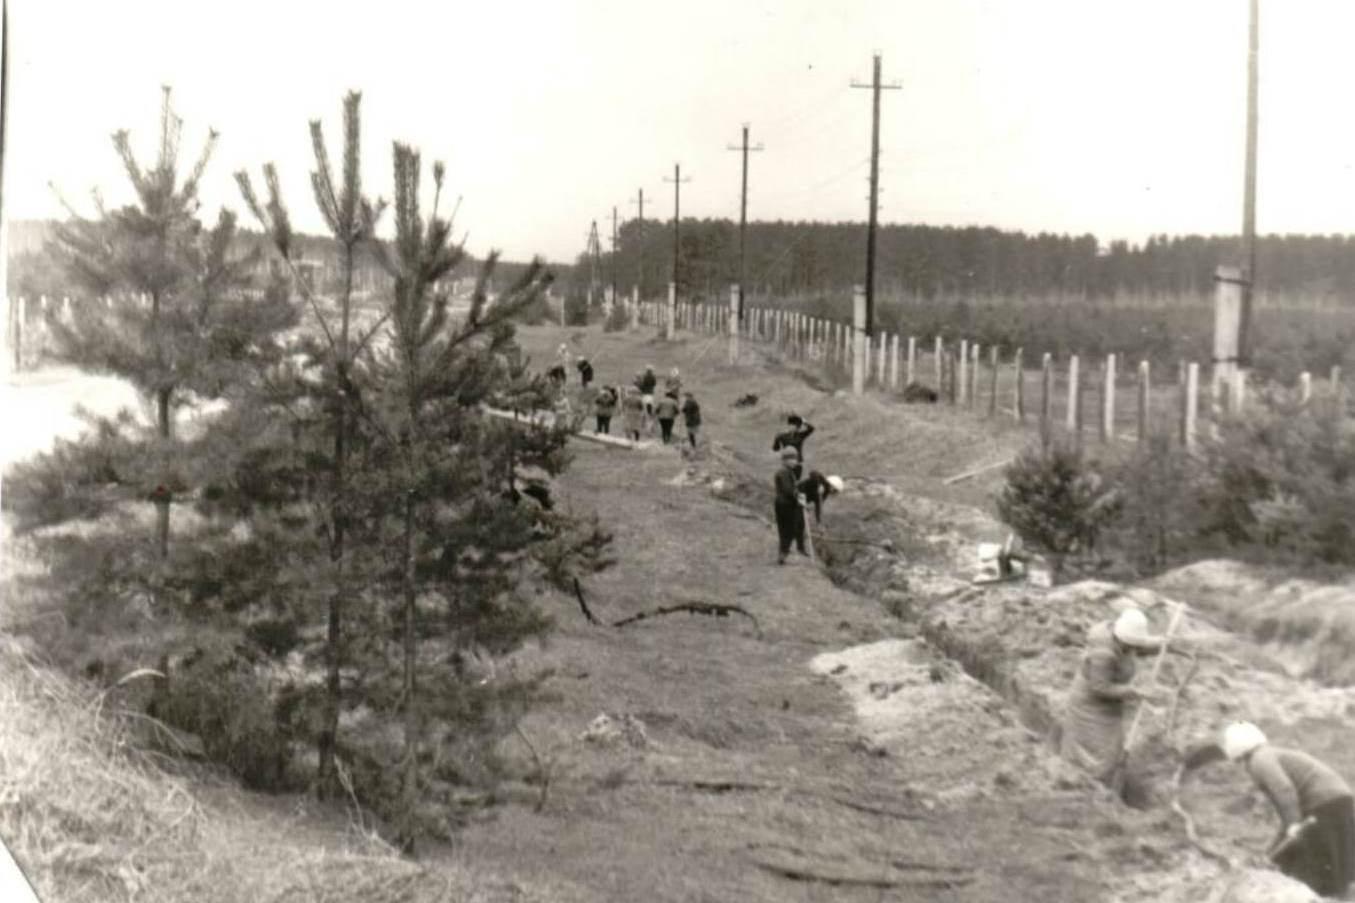 Перекладка водопровода, 1950-е